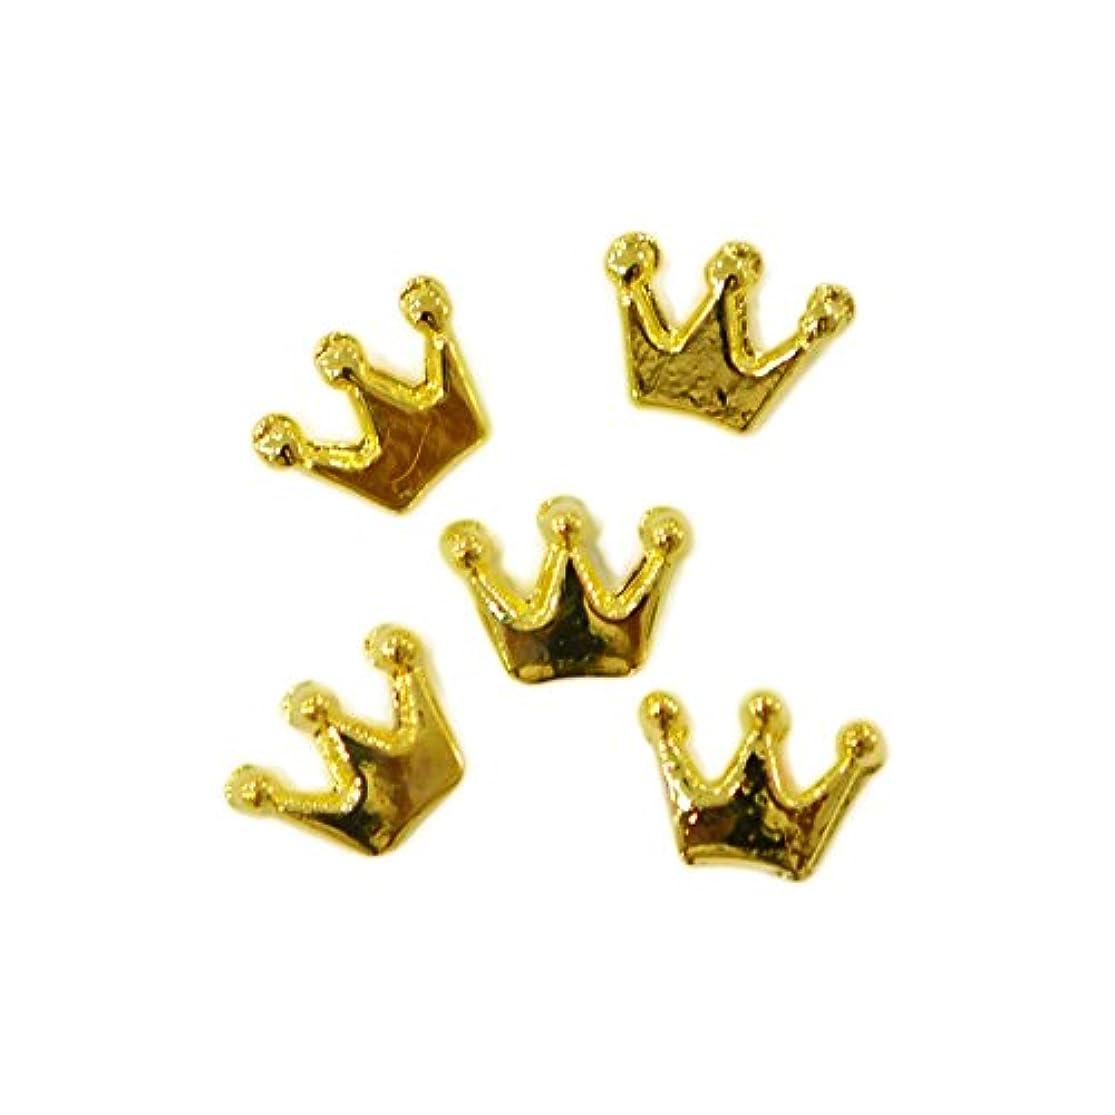 マーベル審判の配列メタルパーツ crown 6mm×4mm ゴールド 5個 MP10158 王冠